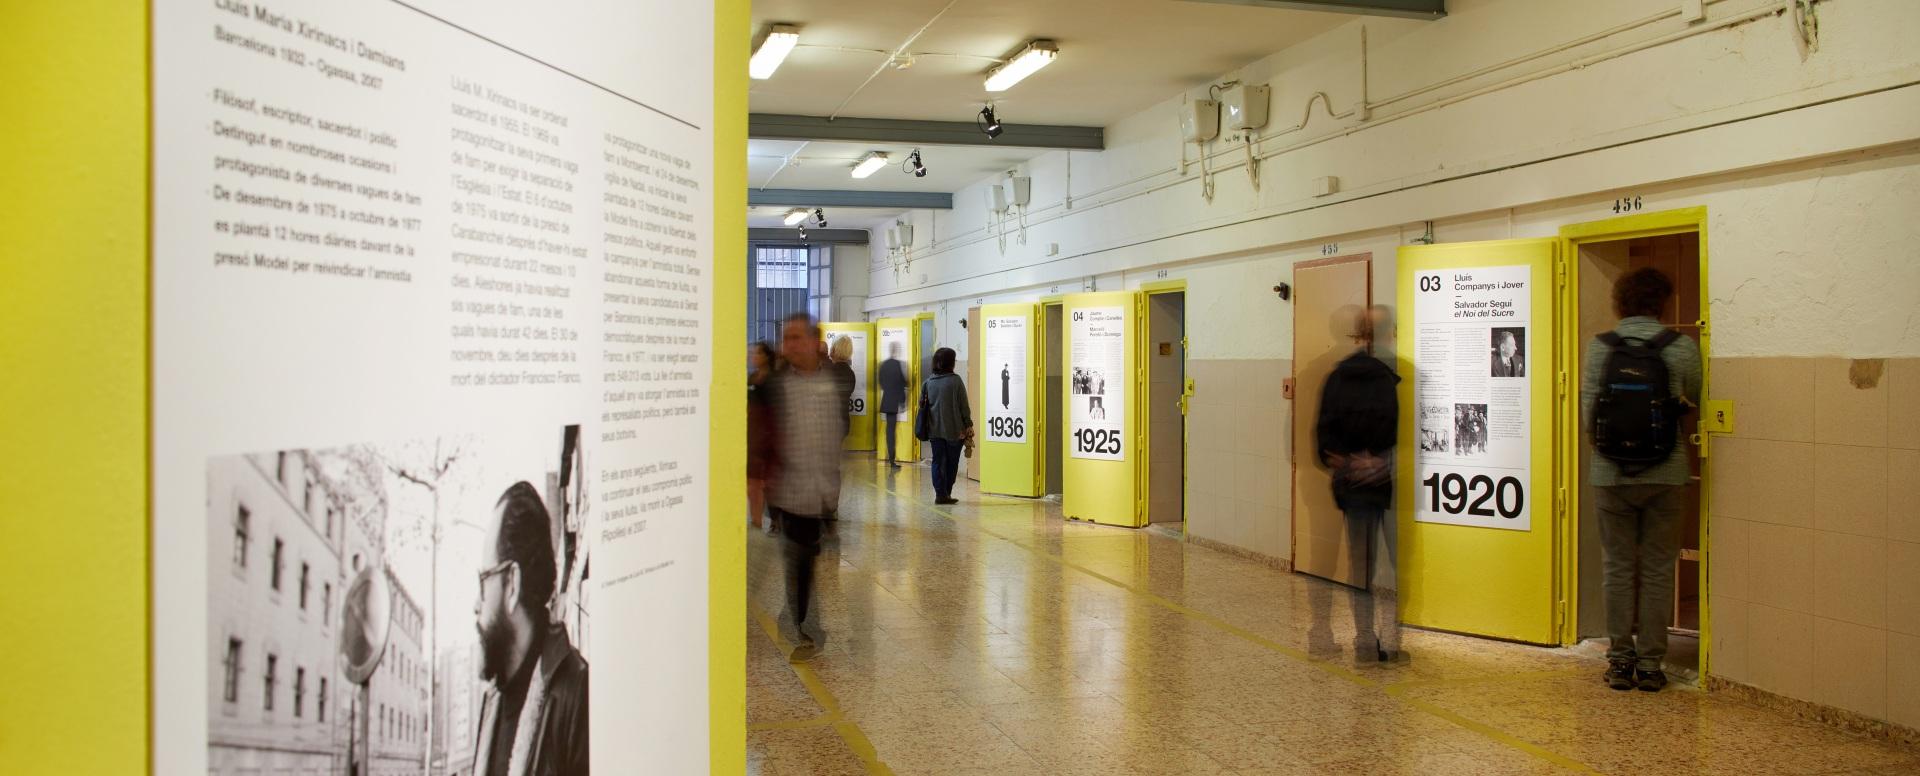 Visita museizada a la Presó Model. Galería 5, puertas amarillas y visitantes.